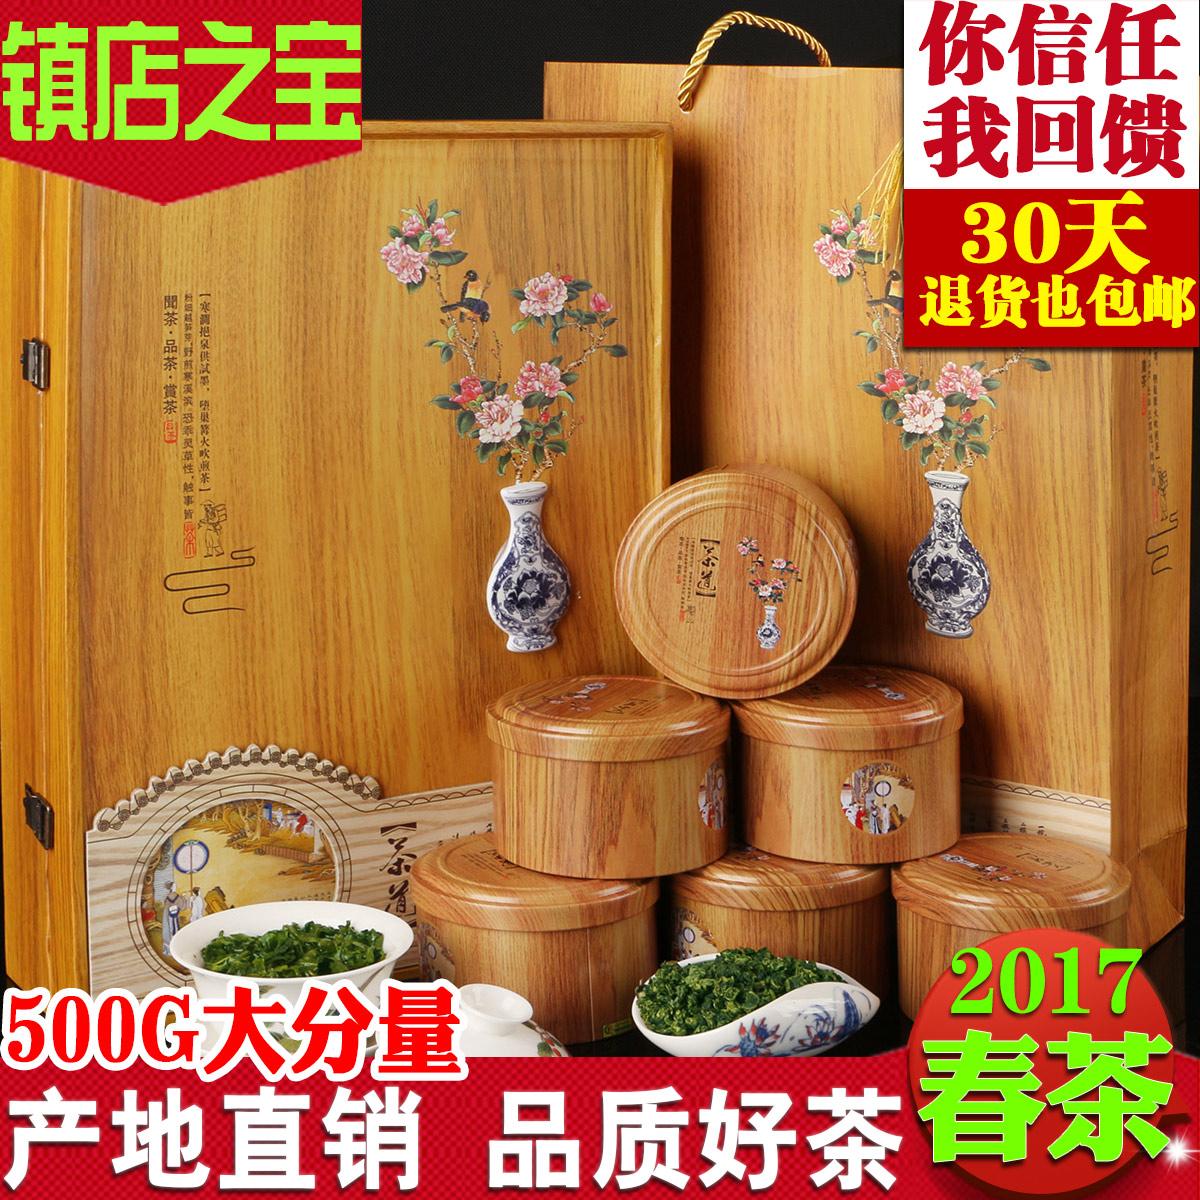 2017 весна чай сейф ручей альпийский новый чай железо гуань-инь аромат тип чай подарок орхидея ладан черный дракон чай 500g